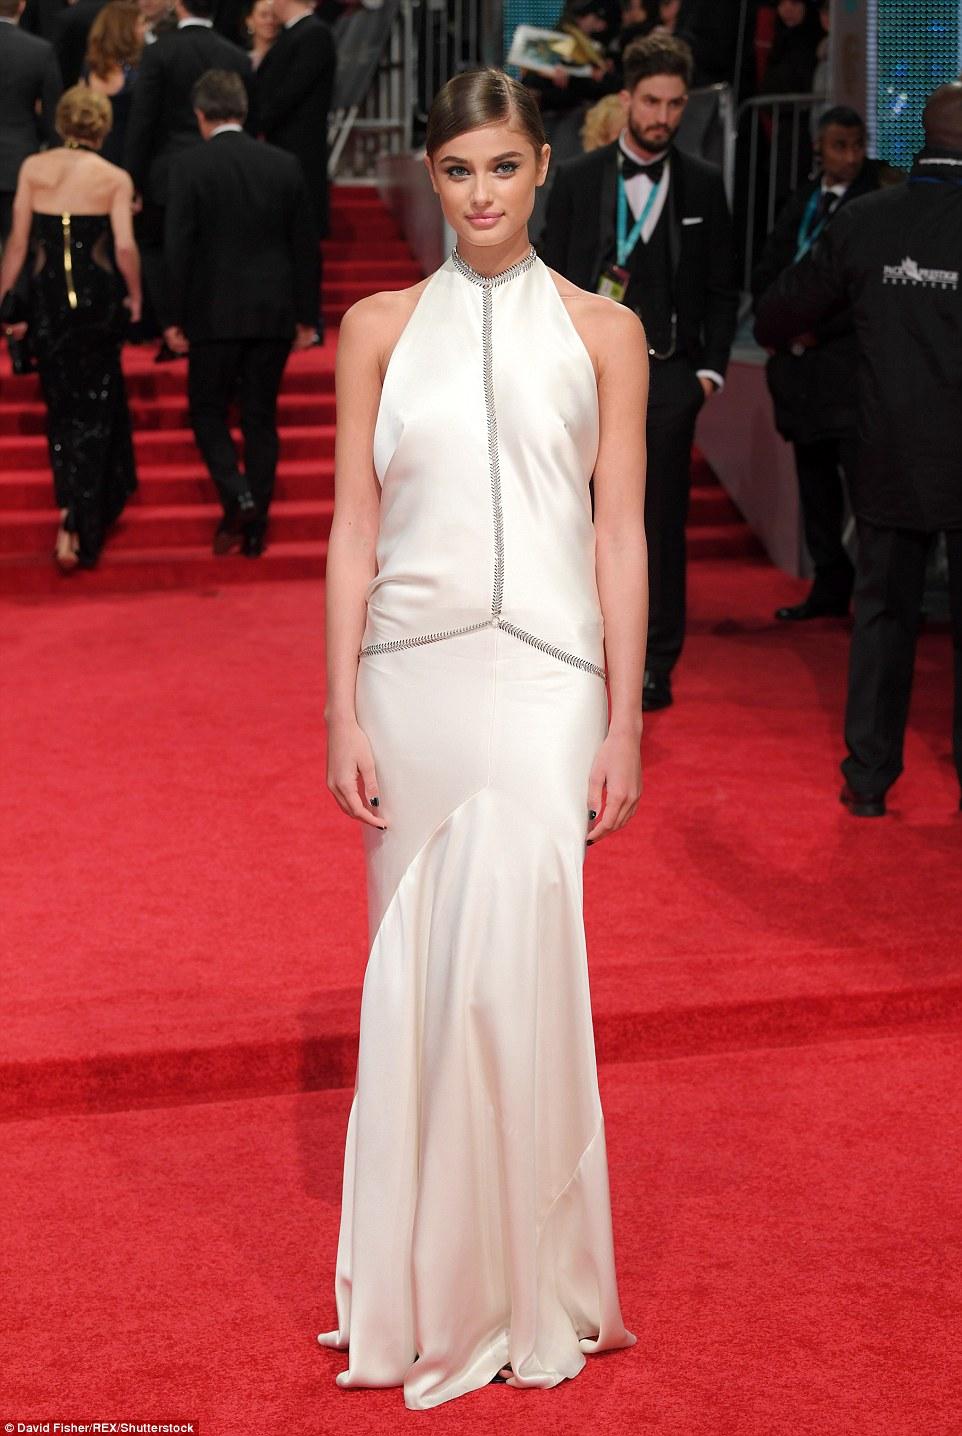 Taylor Hill - a Victoria's Secret modell egy gyönyörű fehér ruhában. Csodálatosan néz ki.